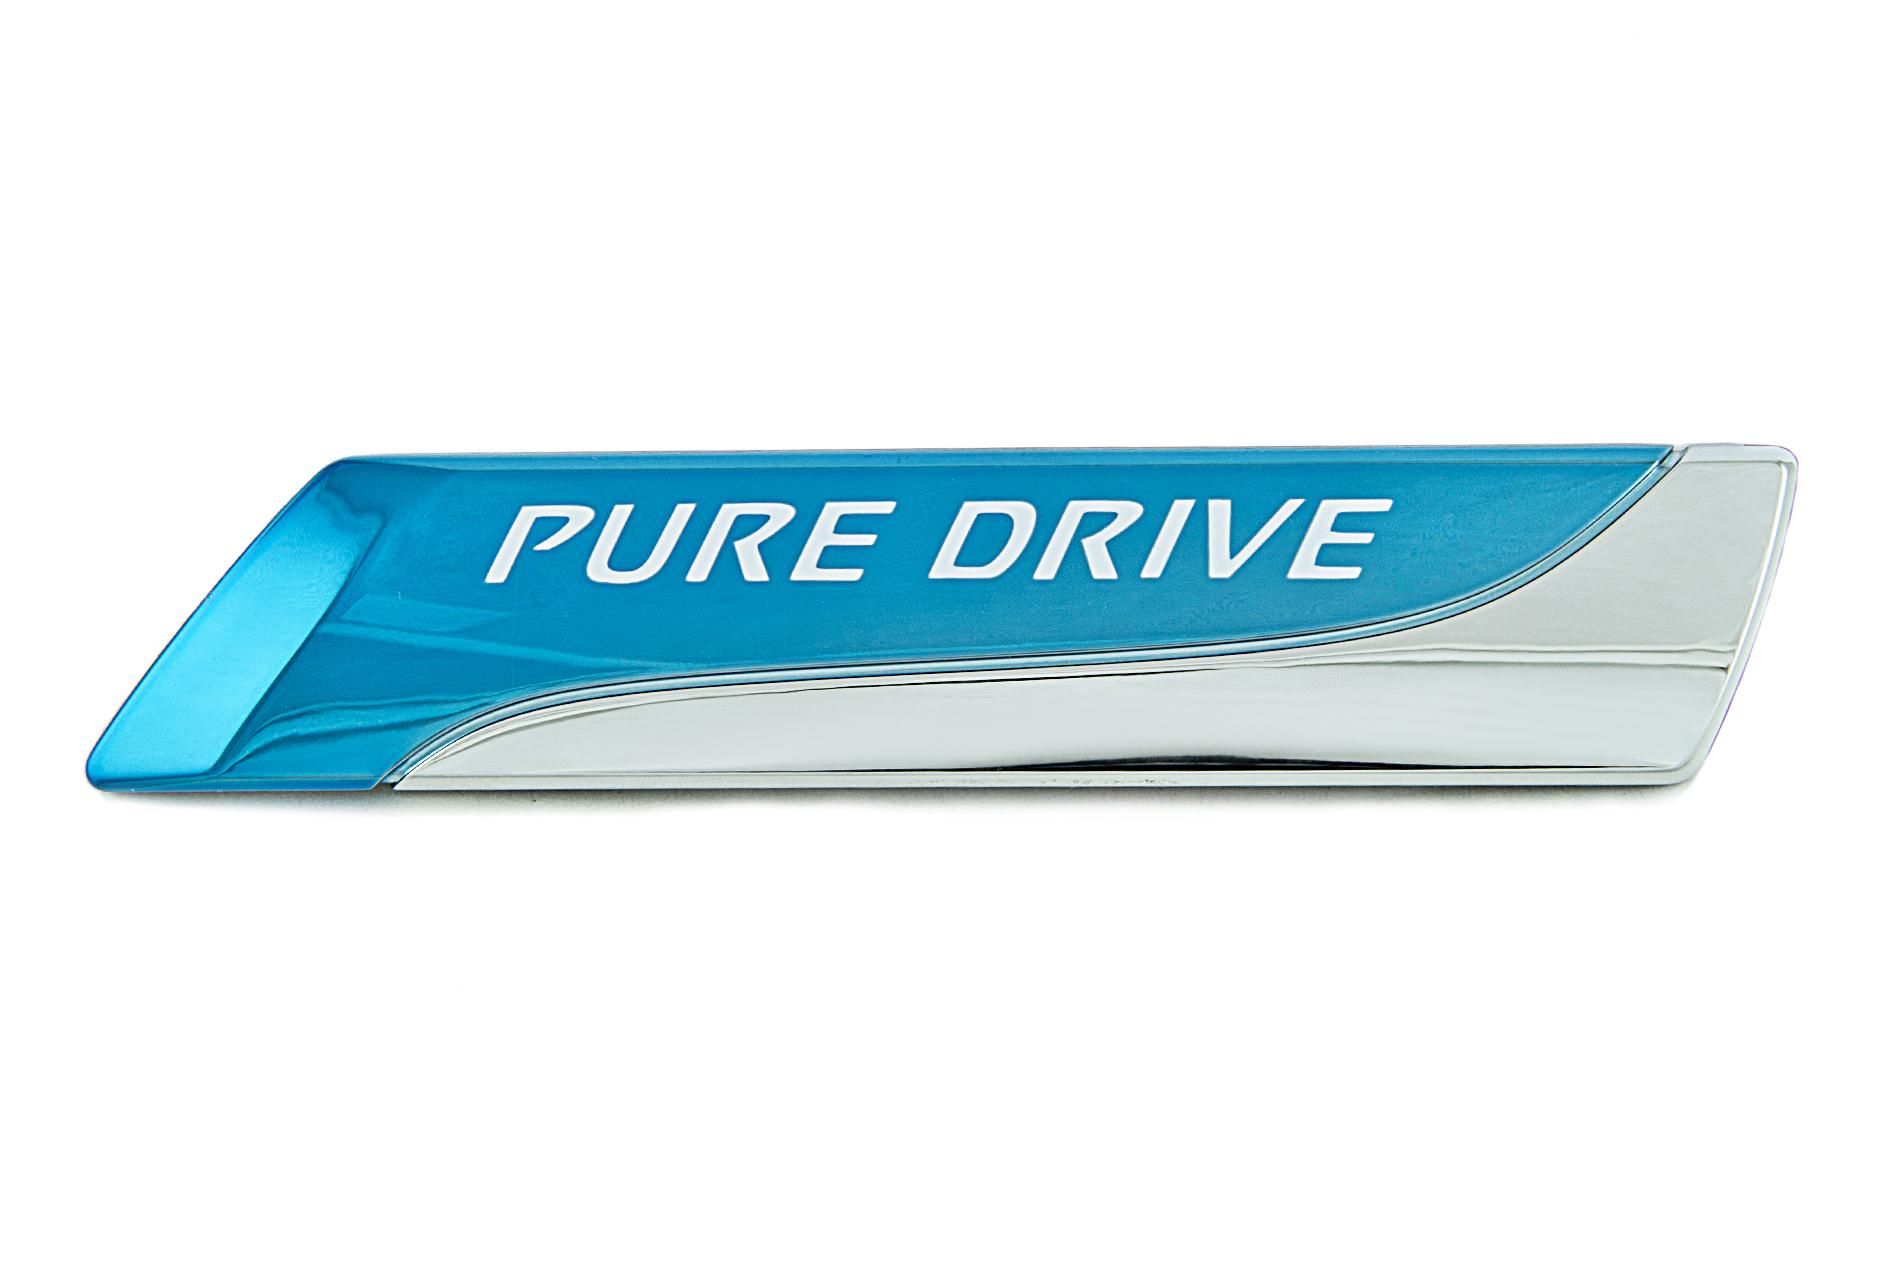 nissan genuine pure drive badge emblem rear for tailgate. Black Bedroom Furniture Sets. Home Design Ideas